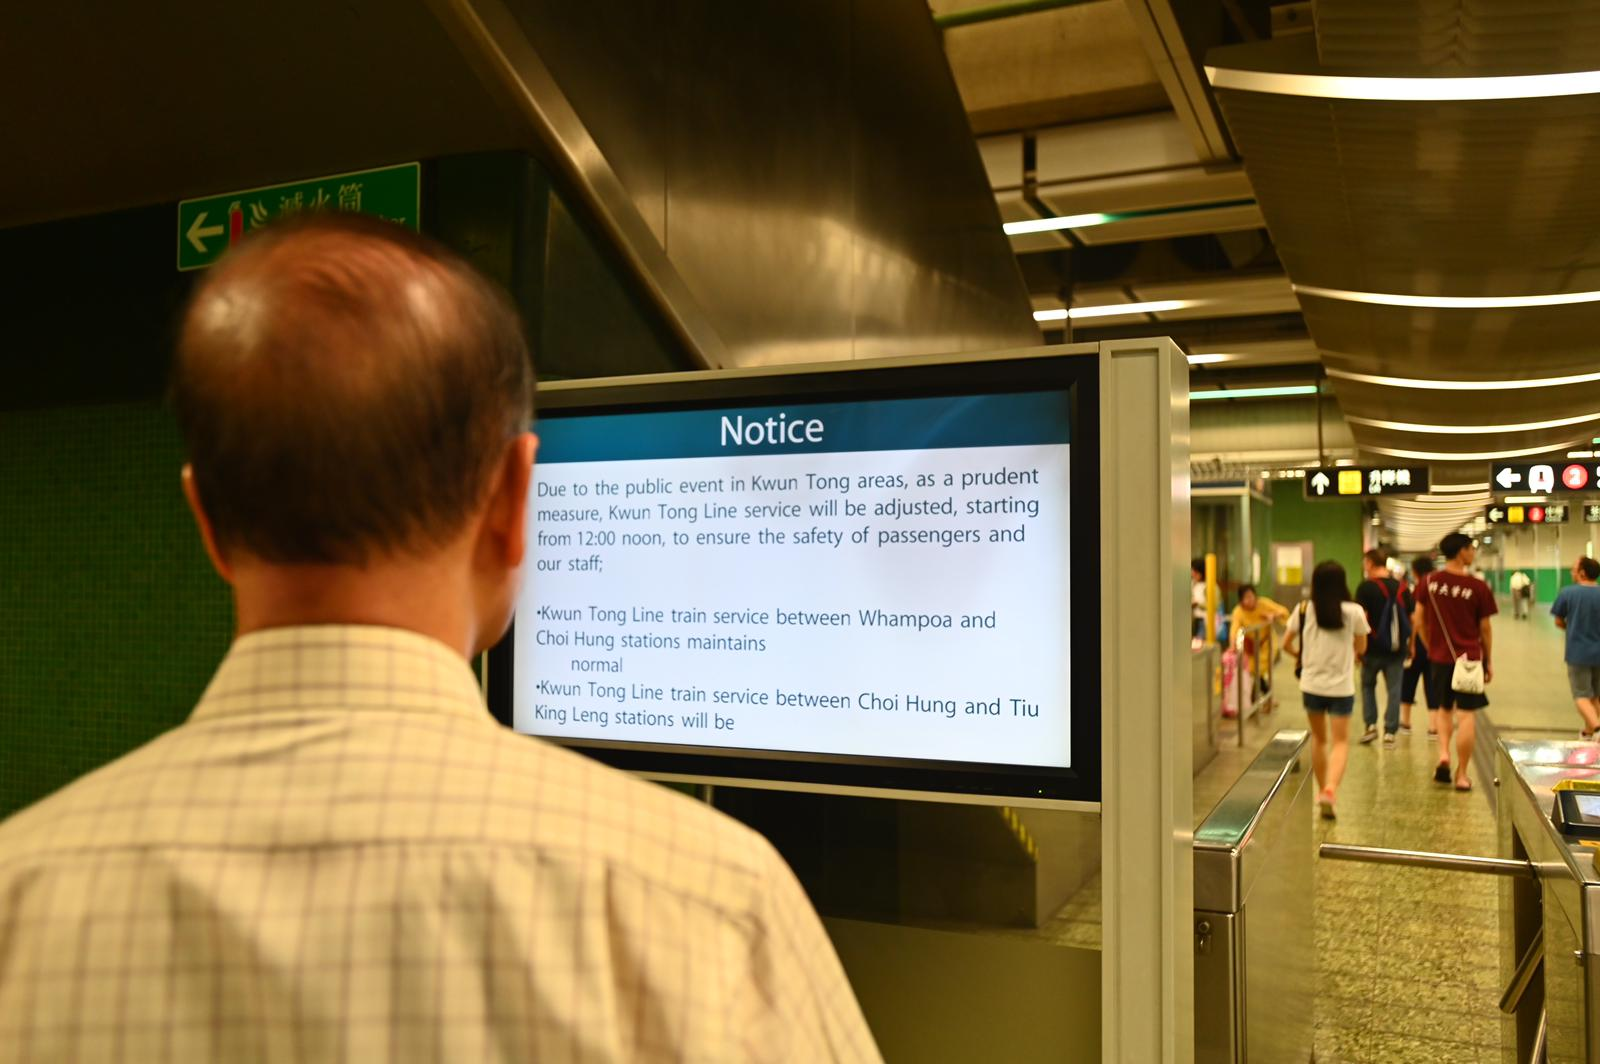 港鐵在站內發出告示。